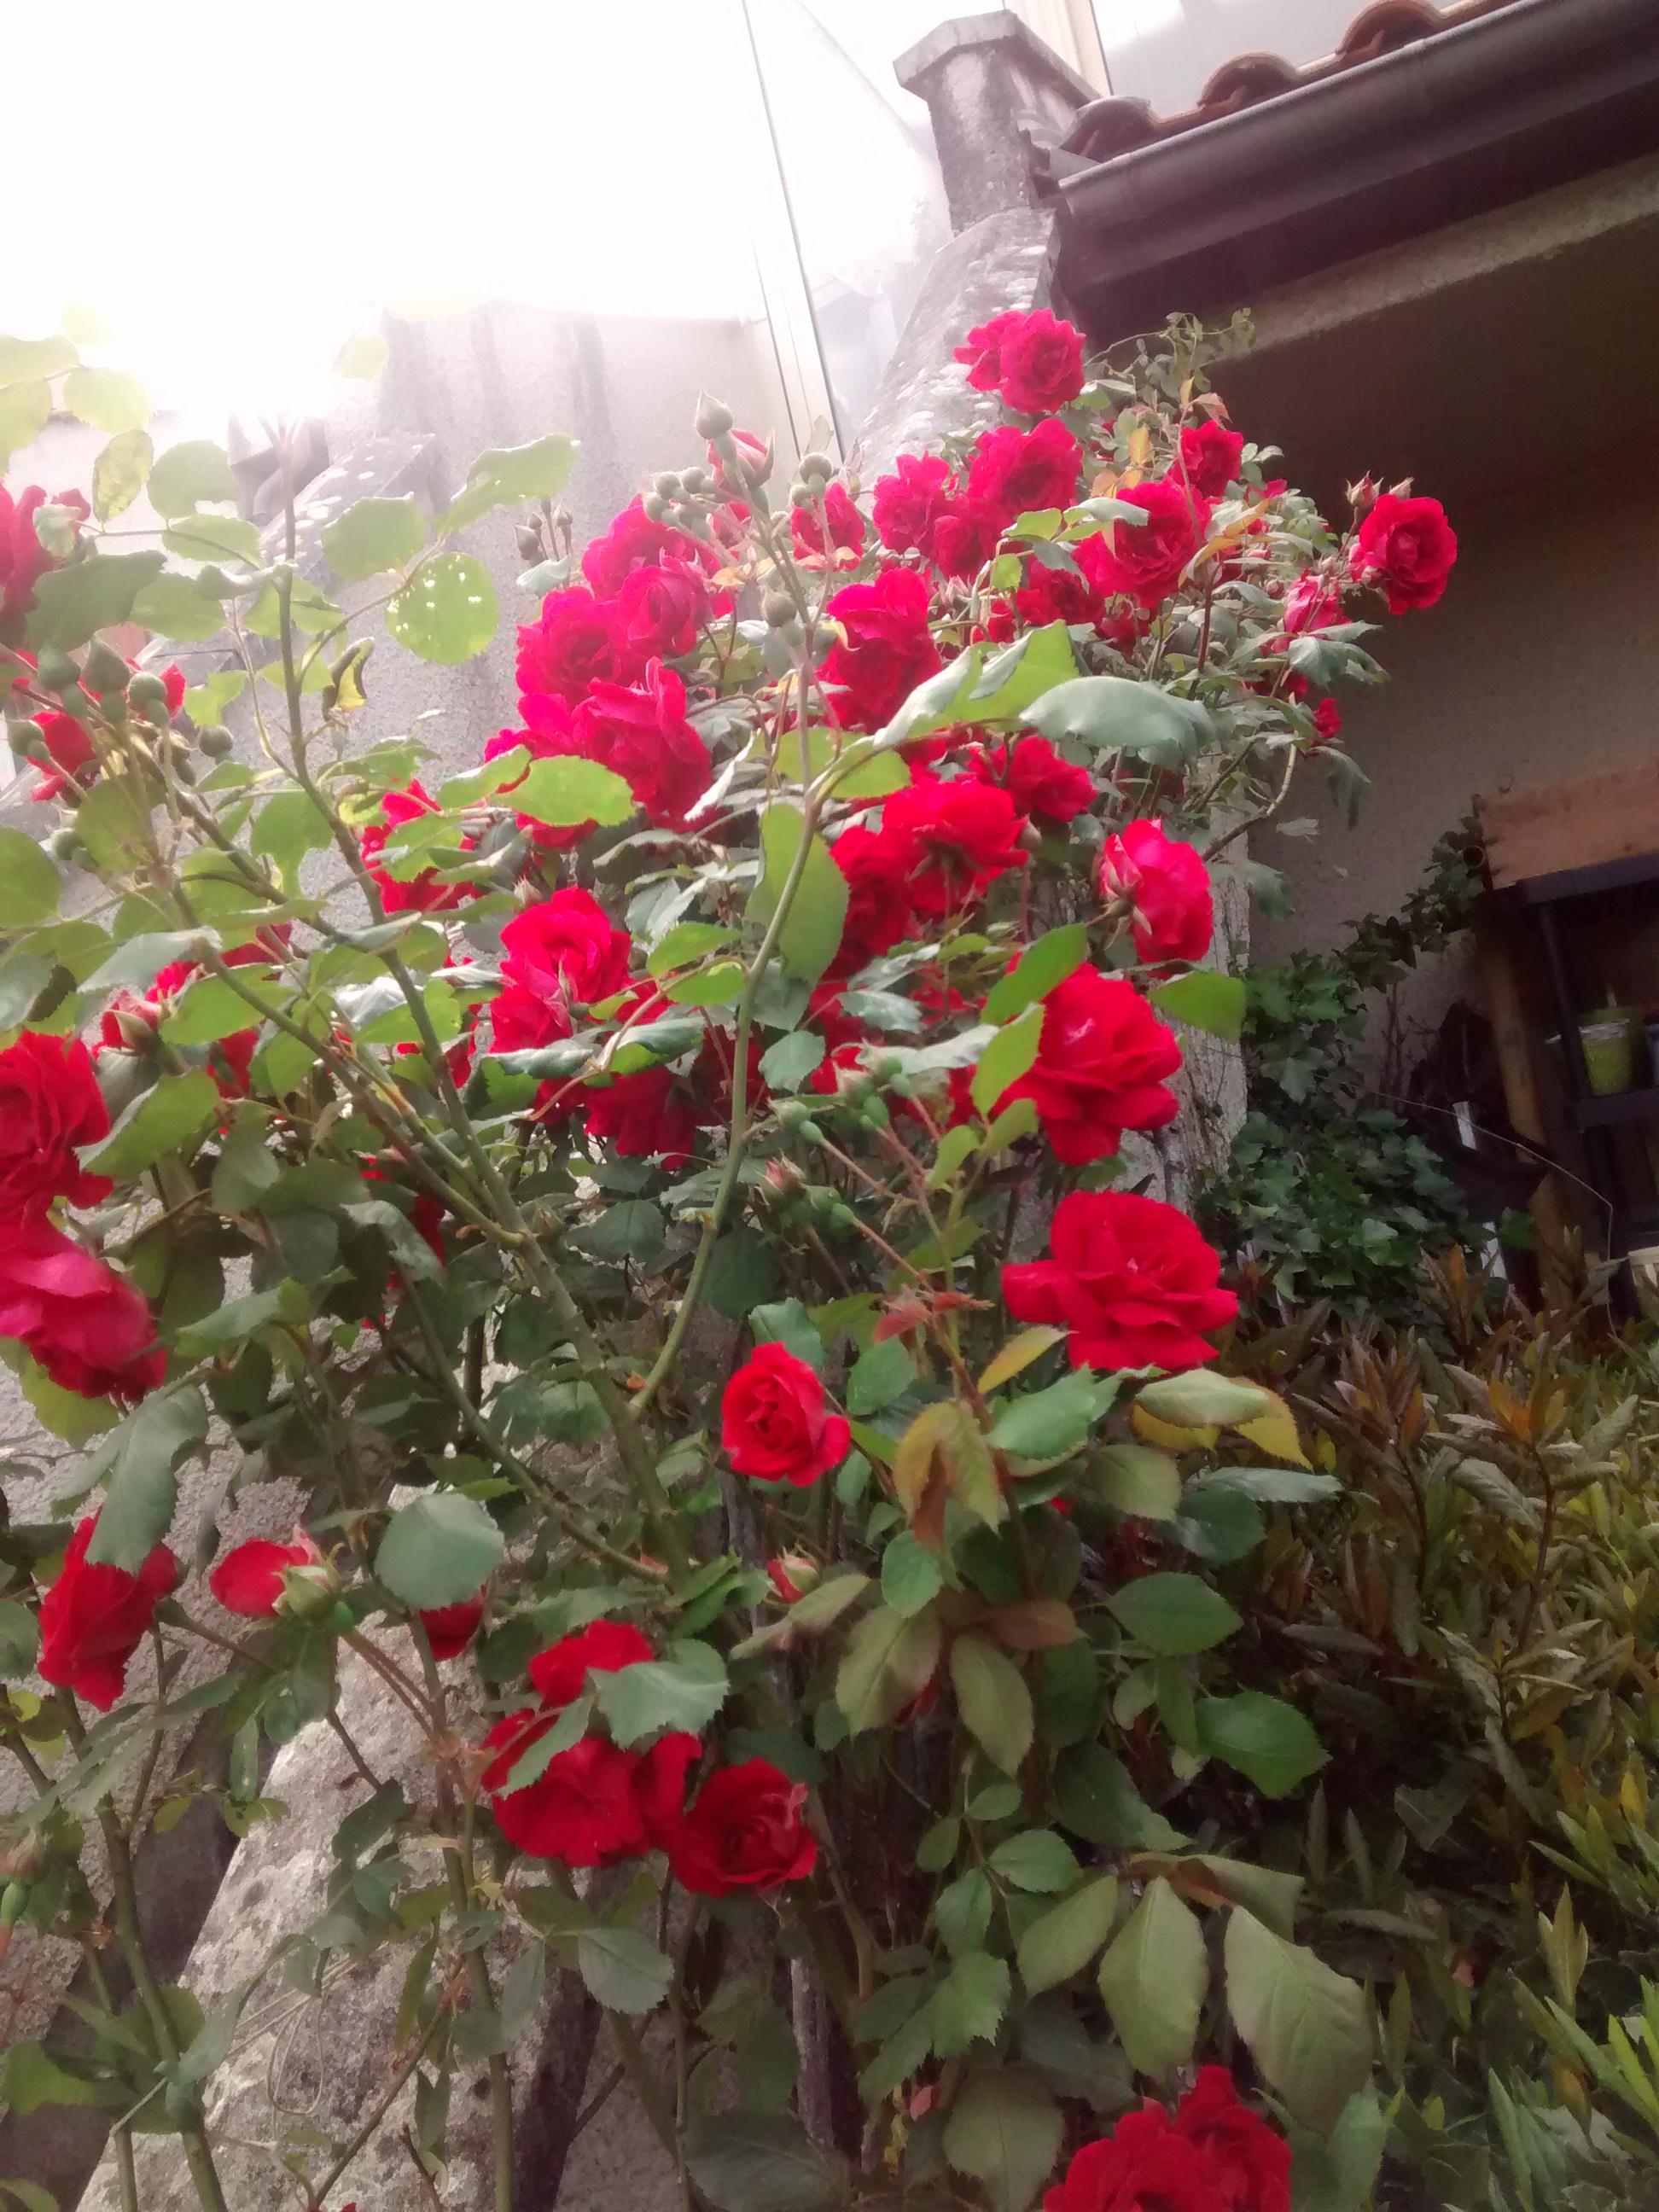 escalier roses rouges 16